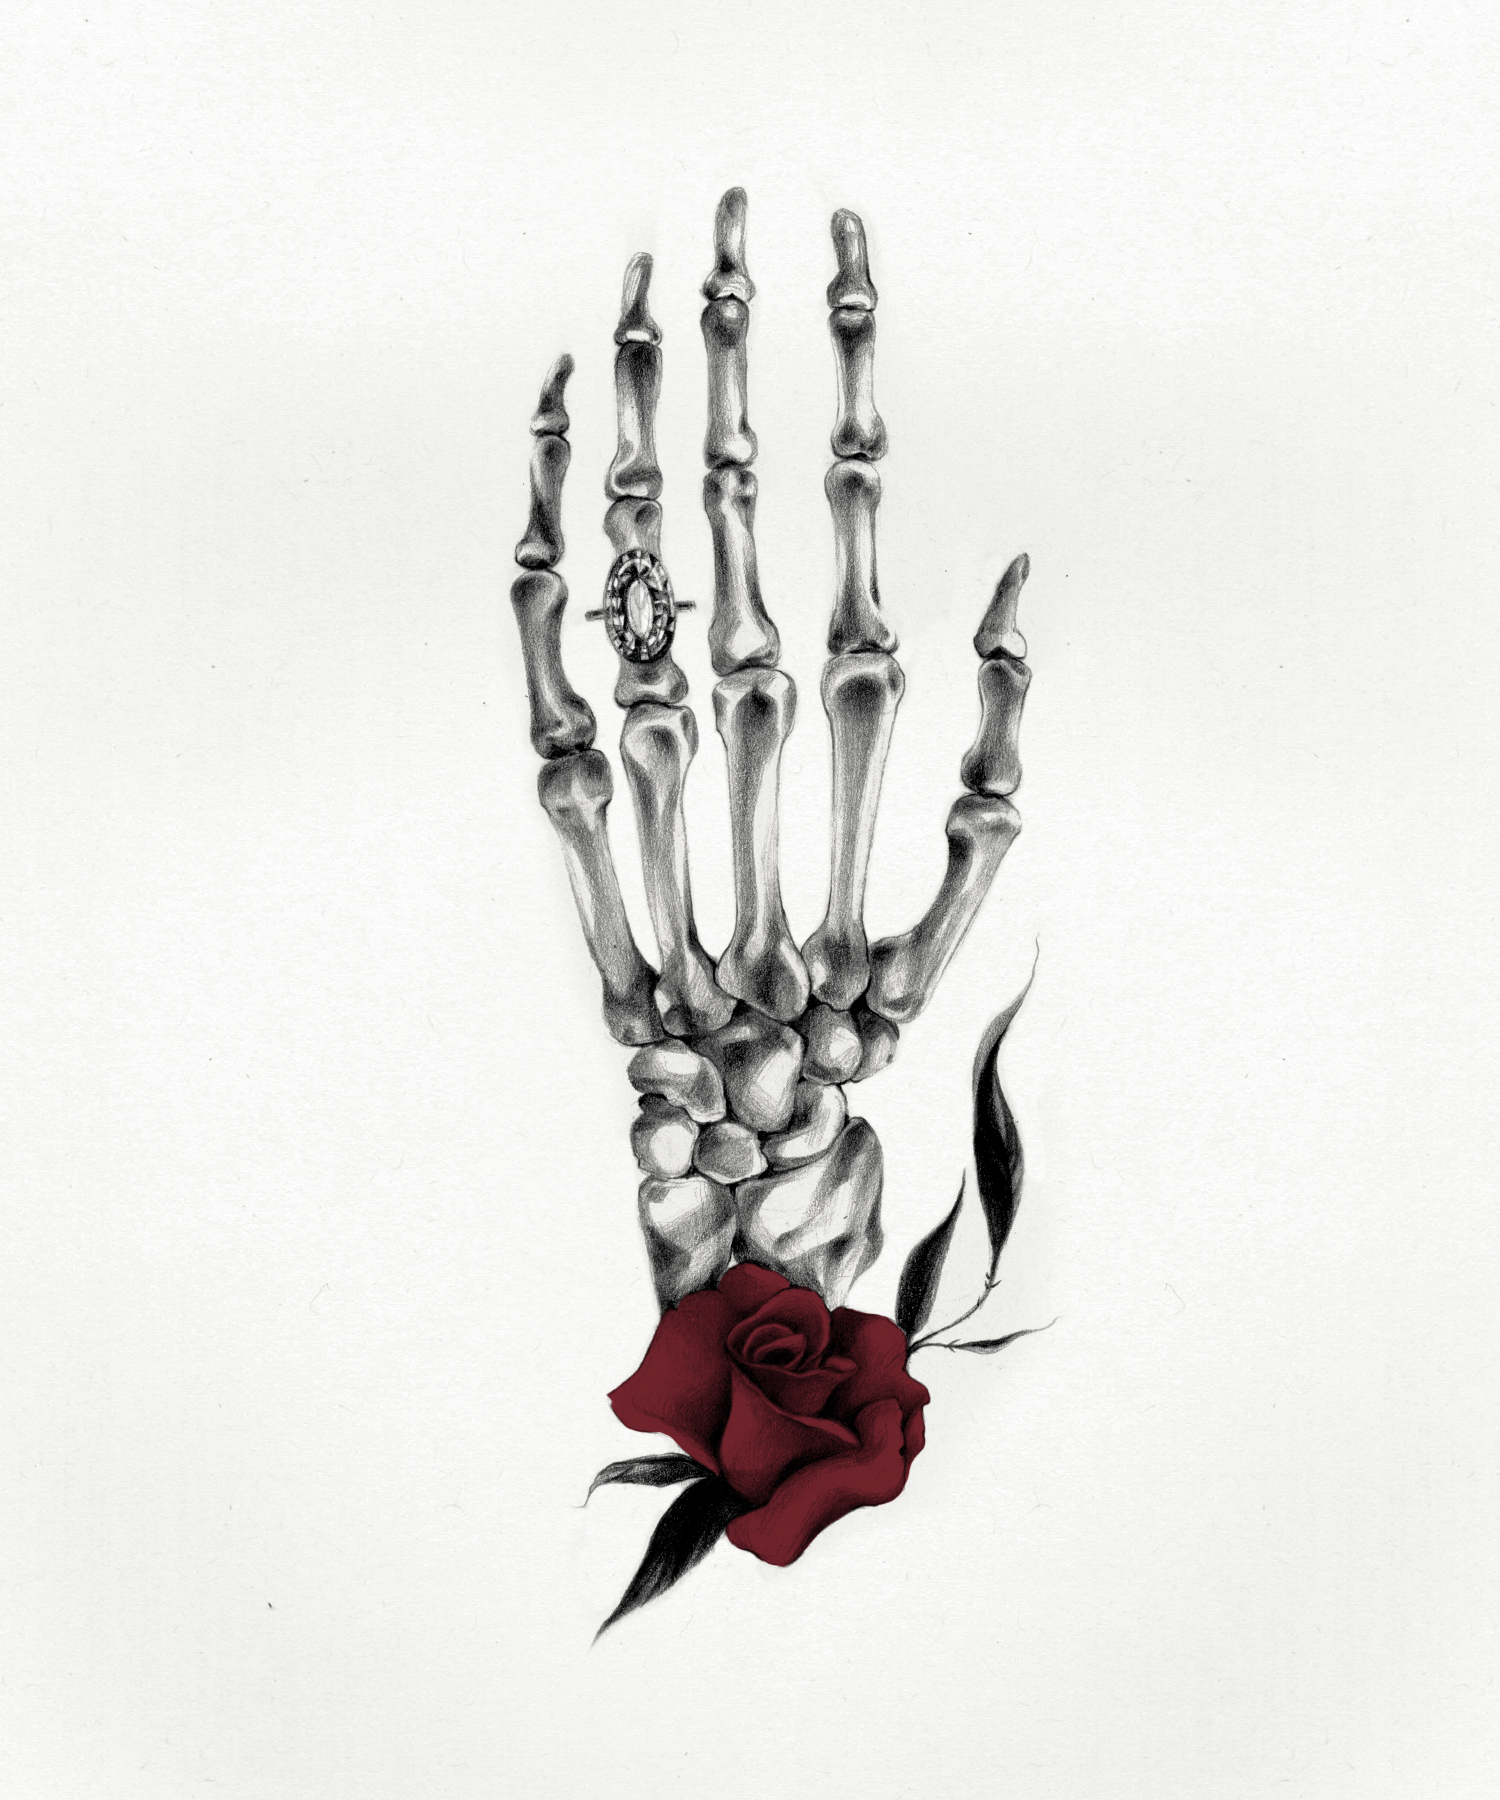 Skeleton-Hand-Diamond-Ring_01.jpg